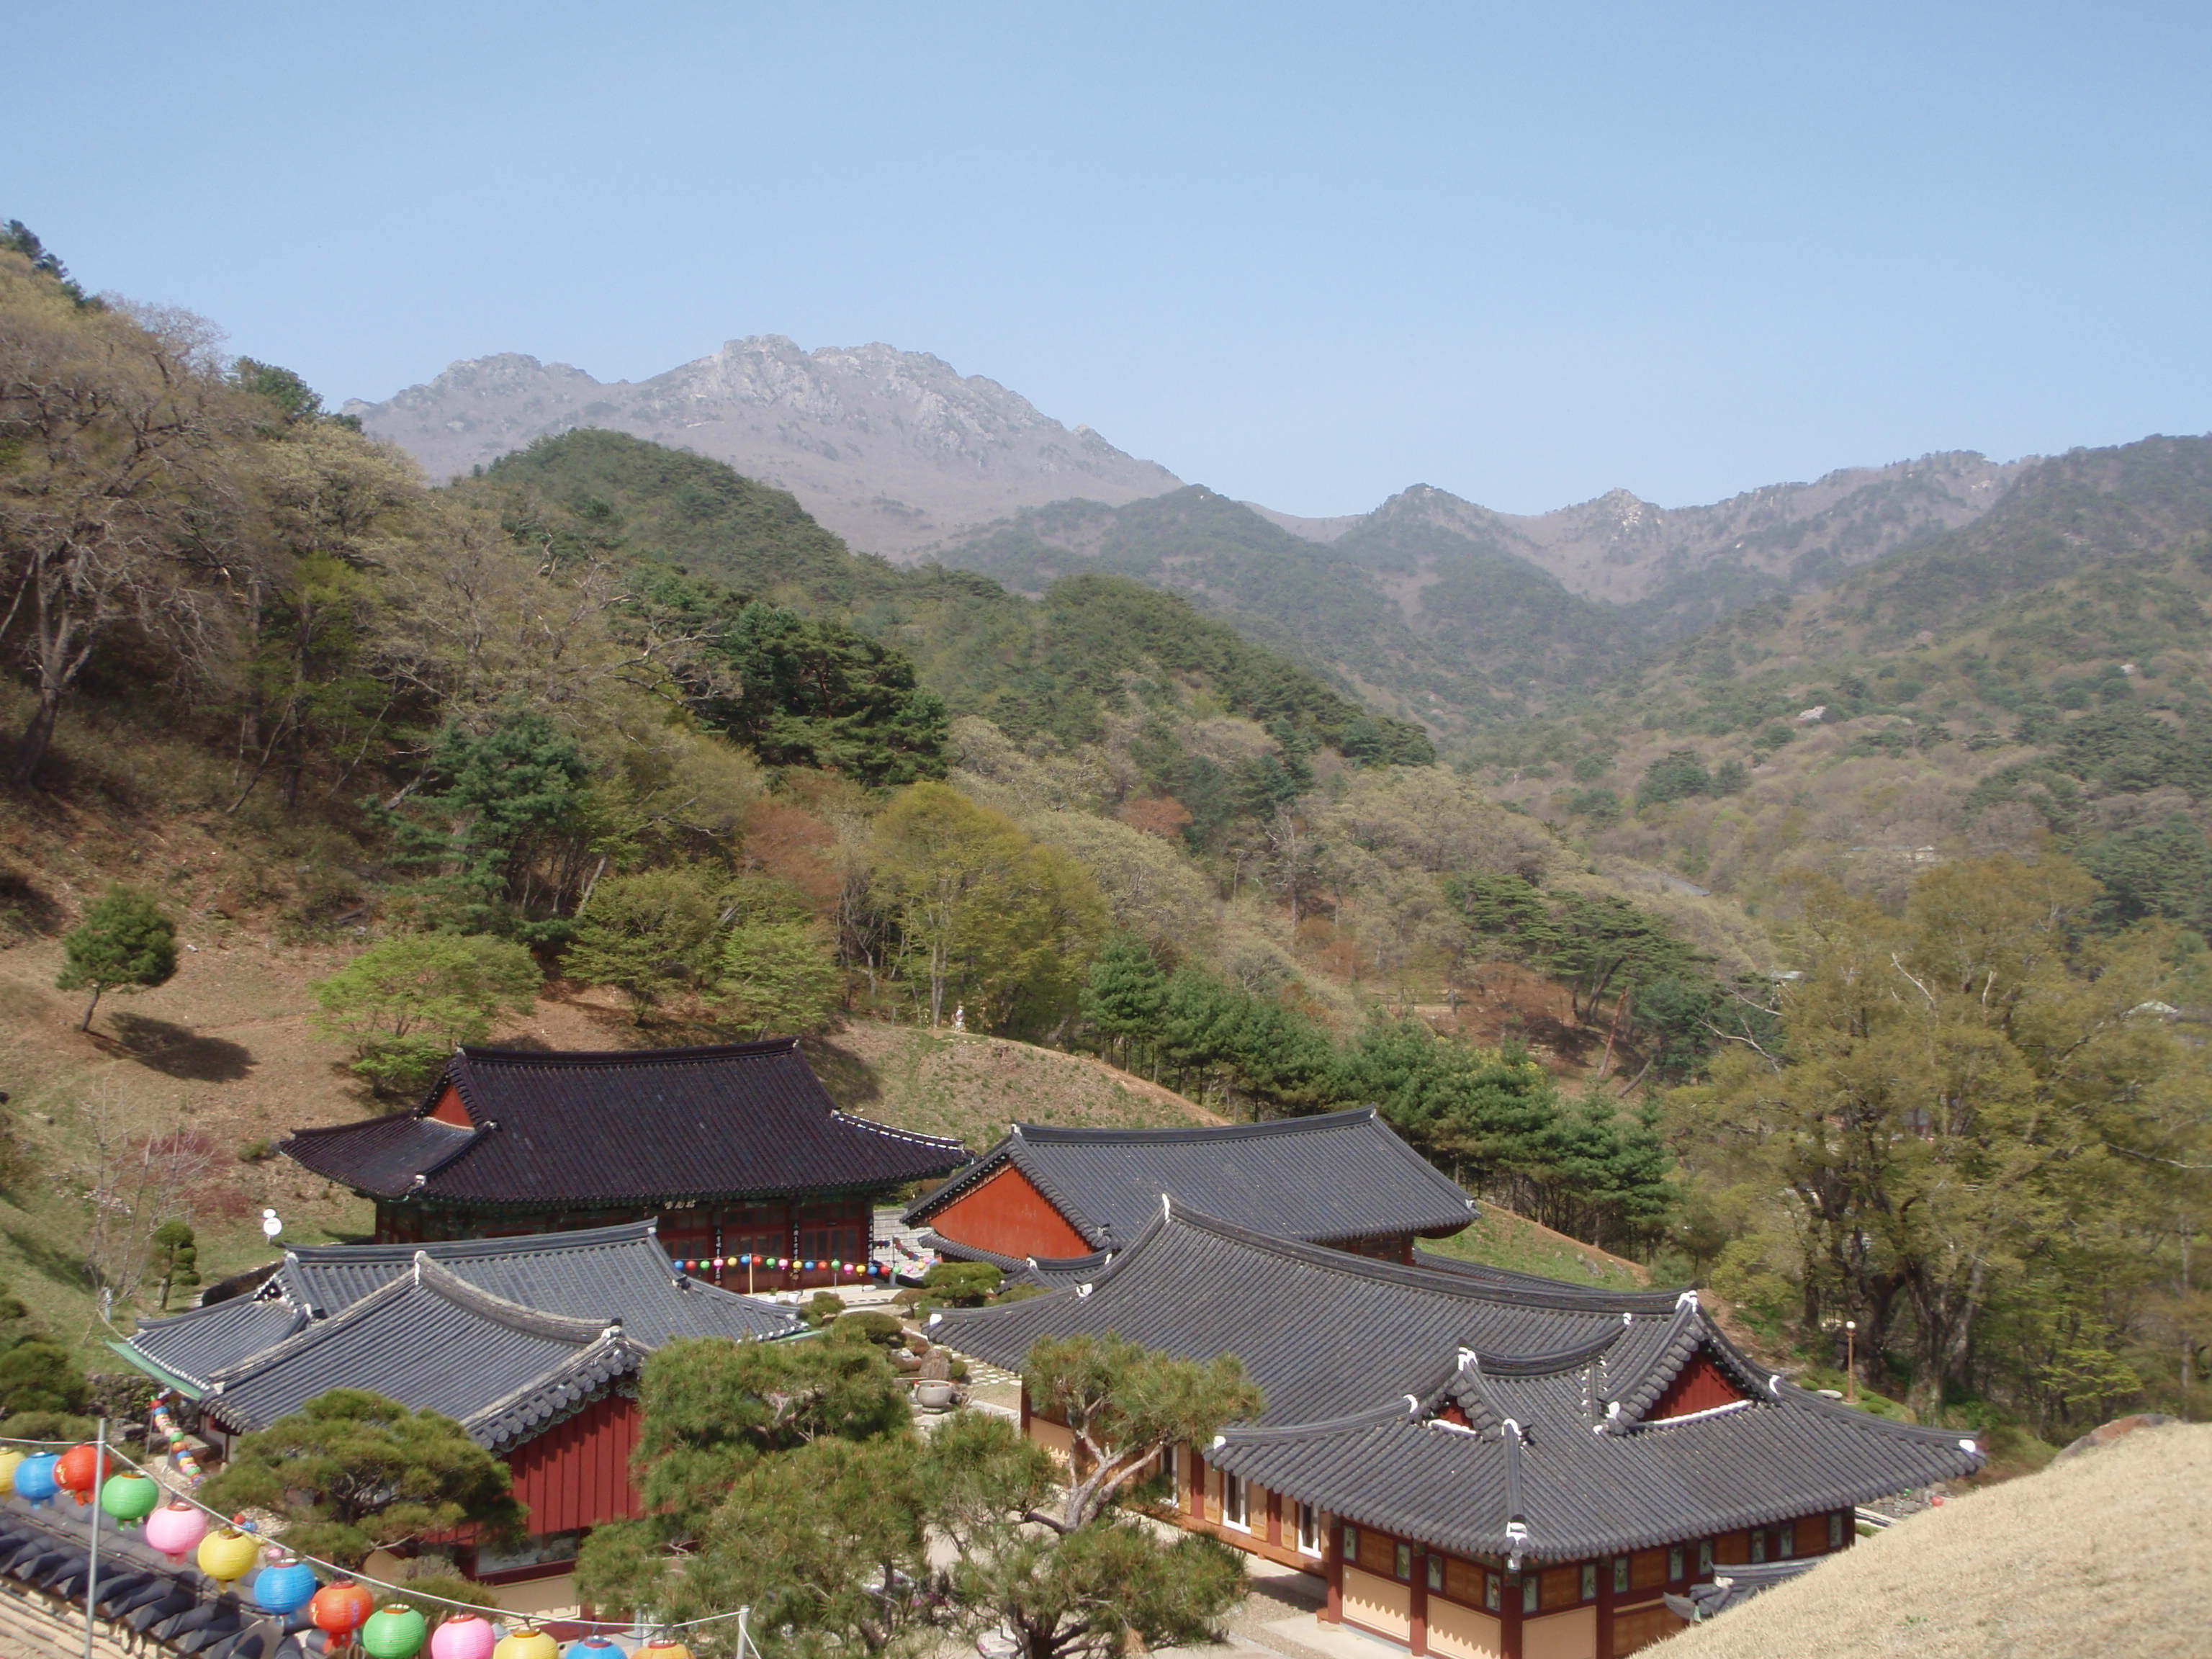 テンプルステイ 海印寺 世界遺産 templestay Haeinsa